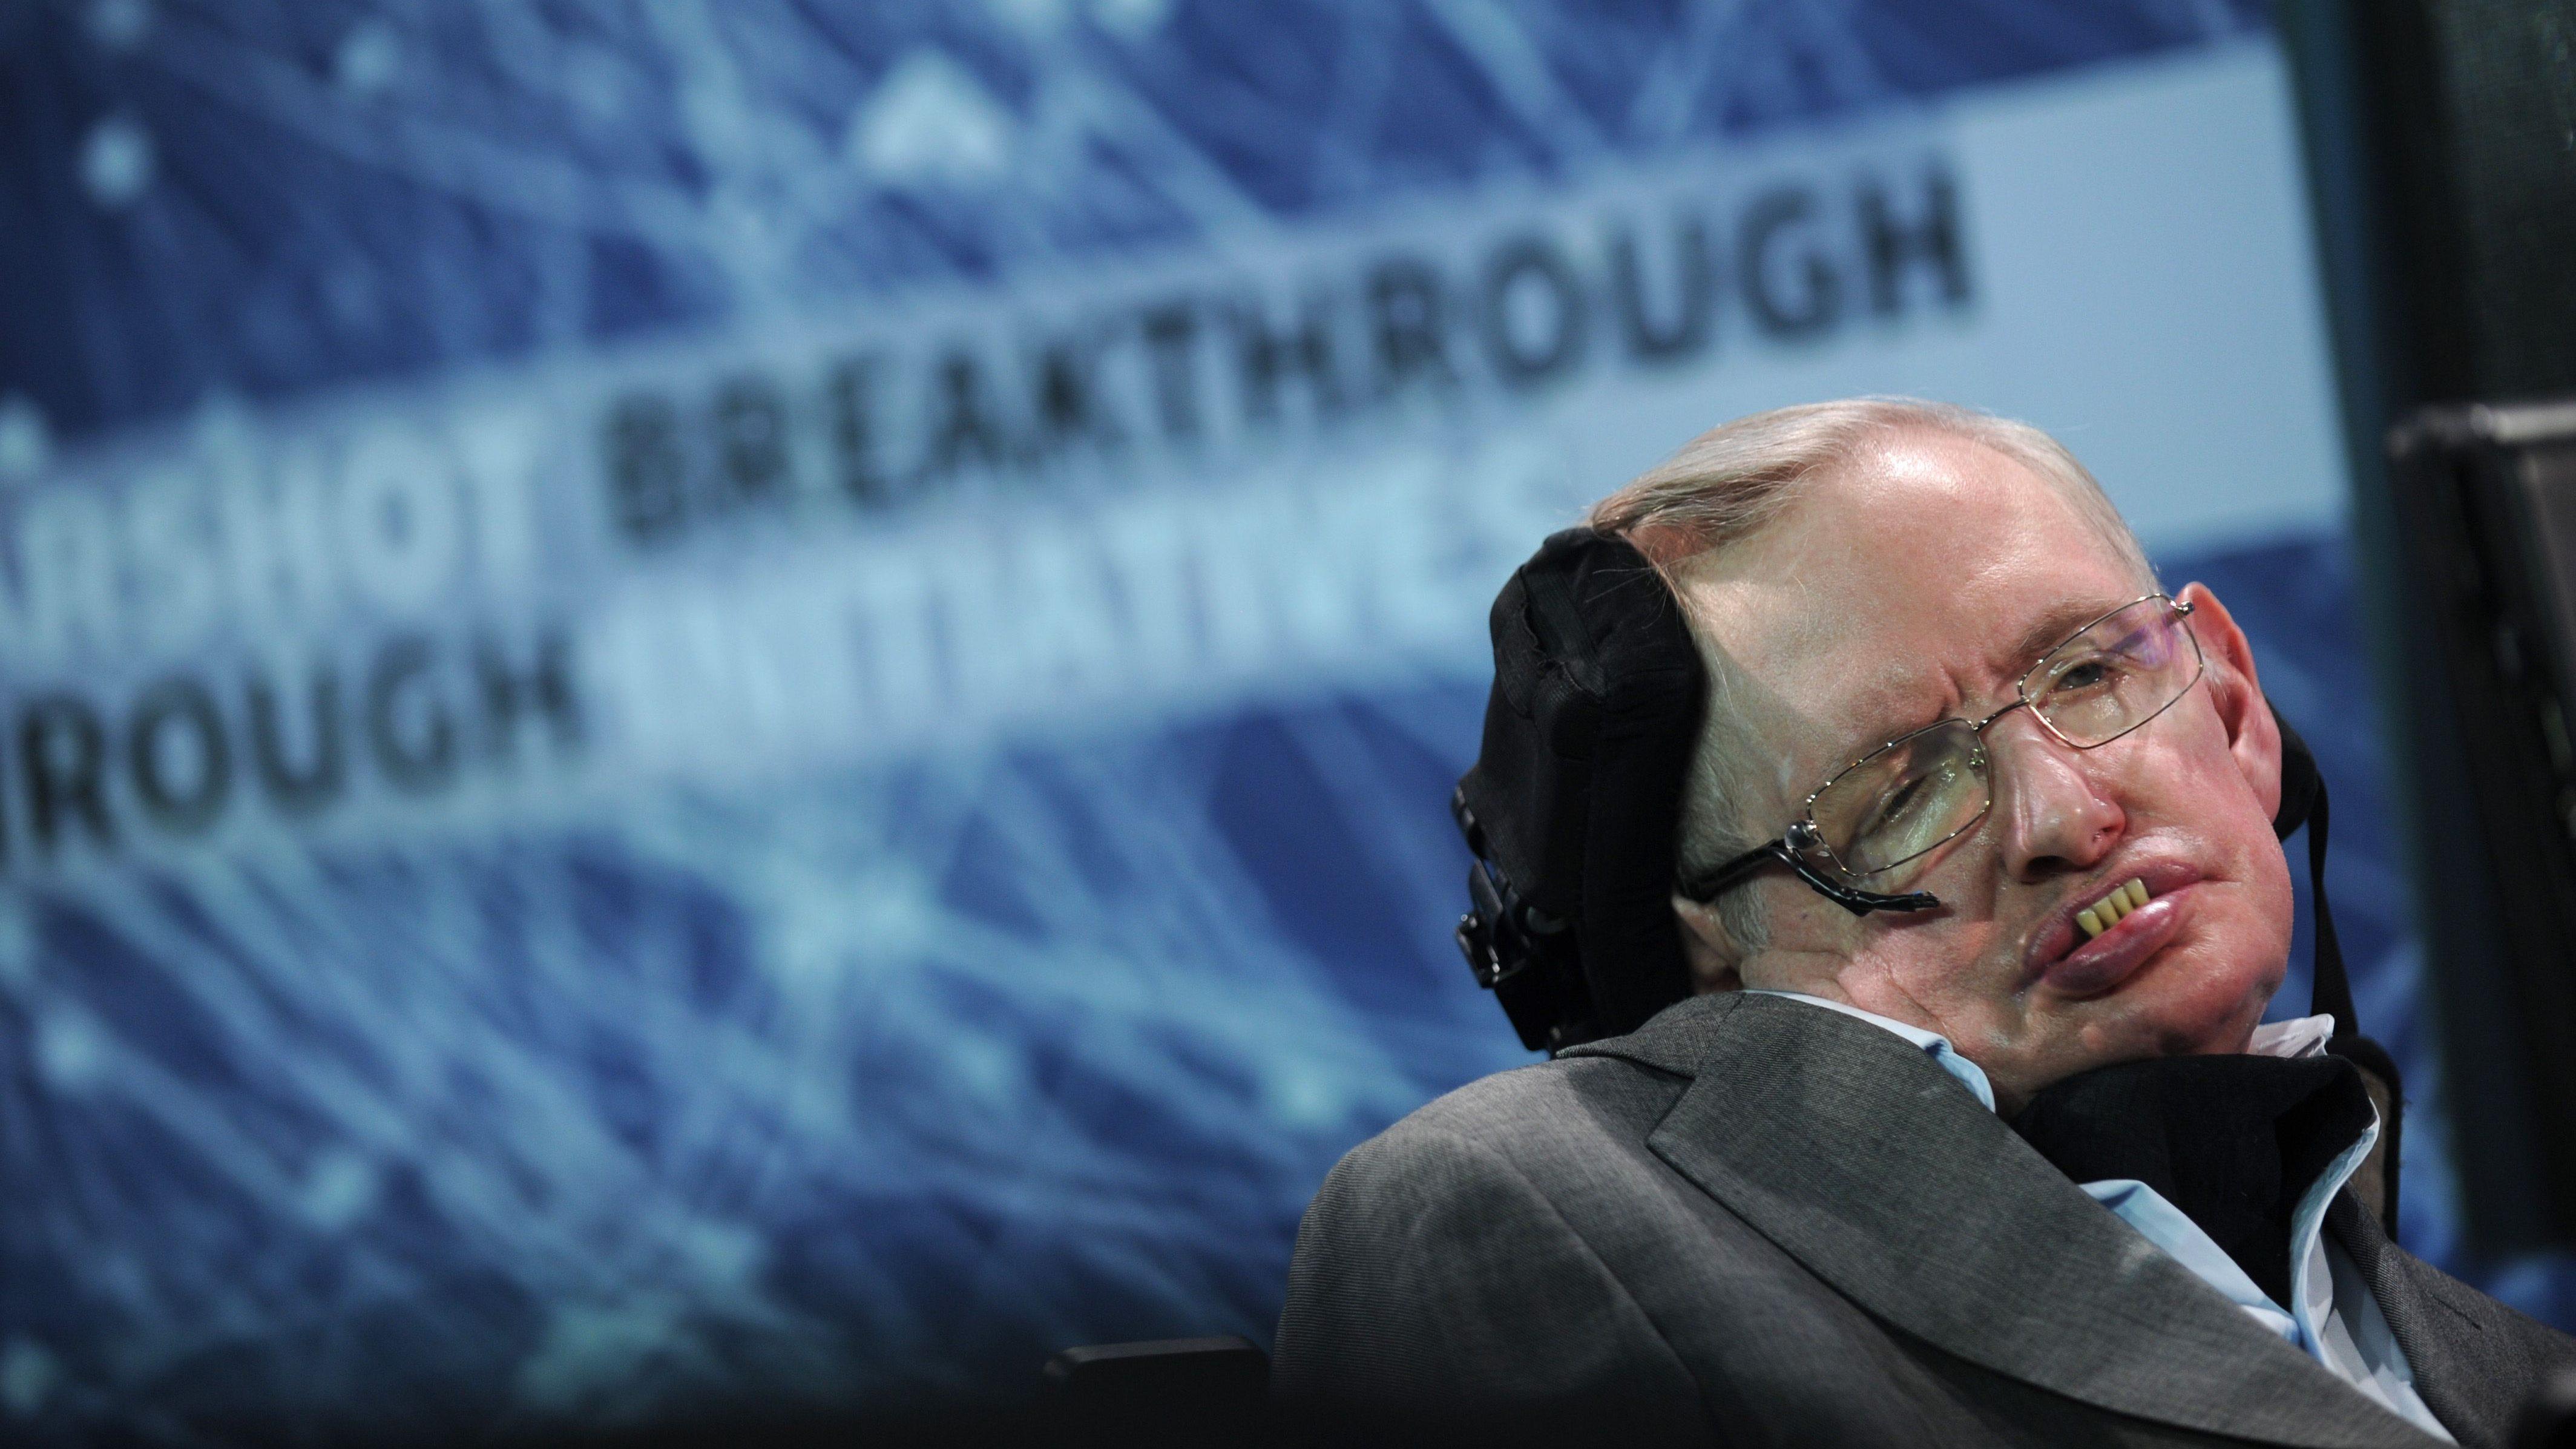 Hawking warned AI is dangerous